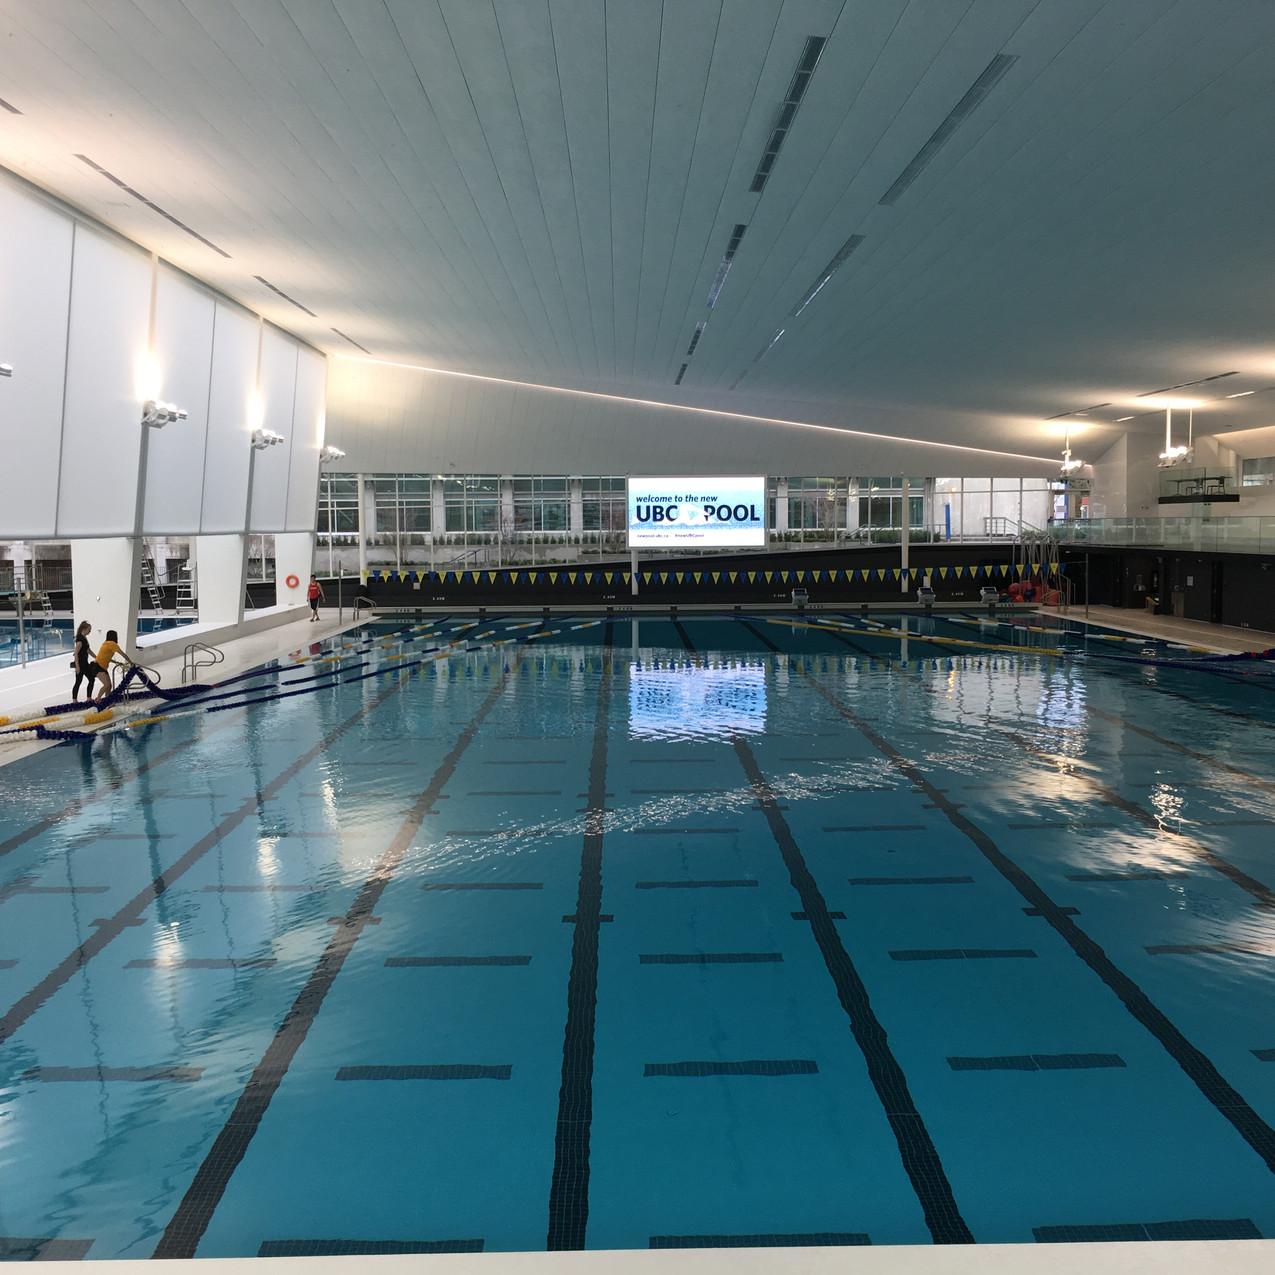 (Bonus) UBC Aquatic Centre